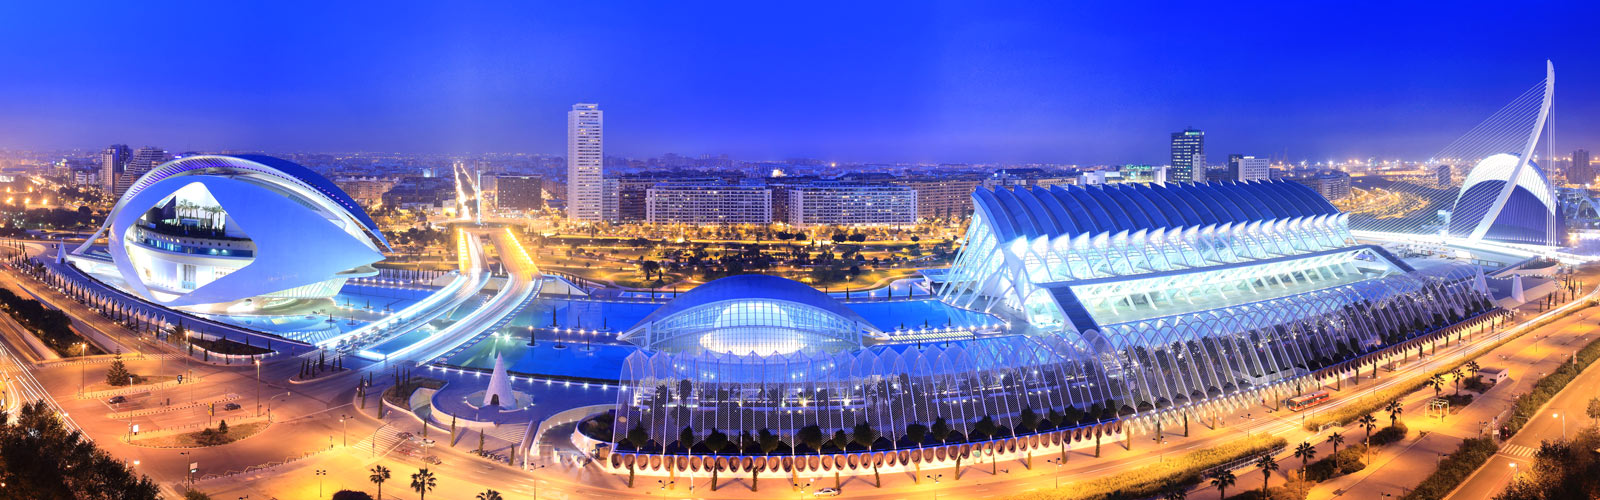 Valencia, elegida la mejor ciudad del mundo para vivir por tercer año consecutivo